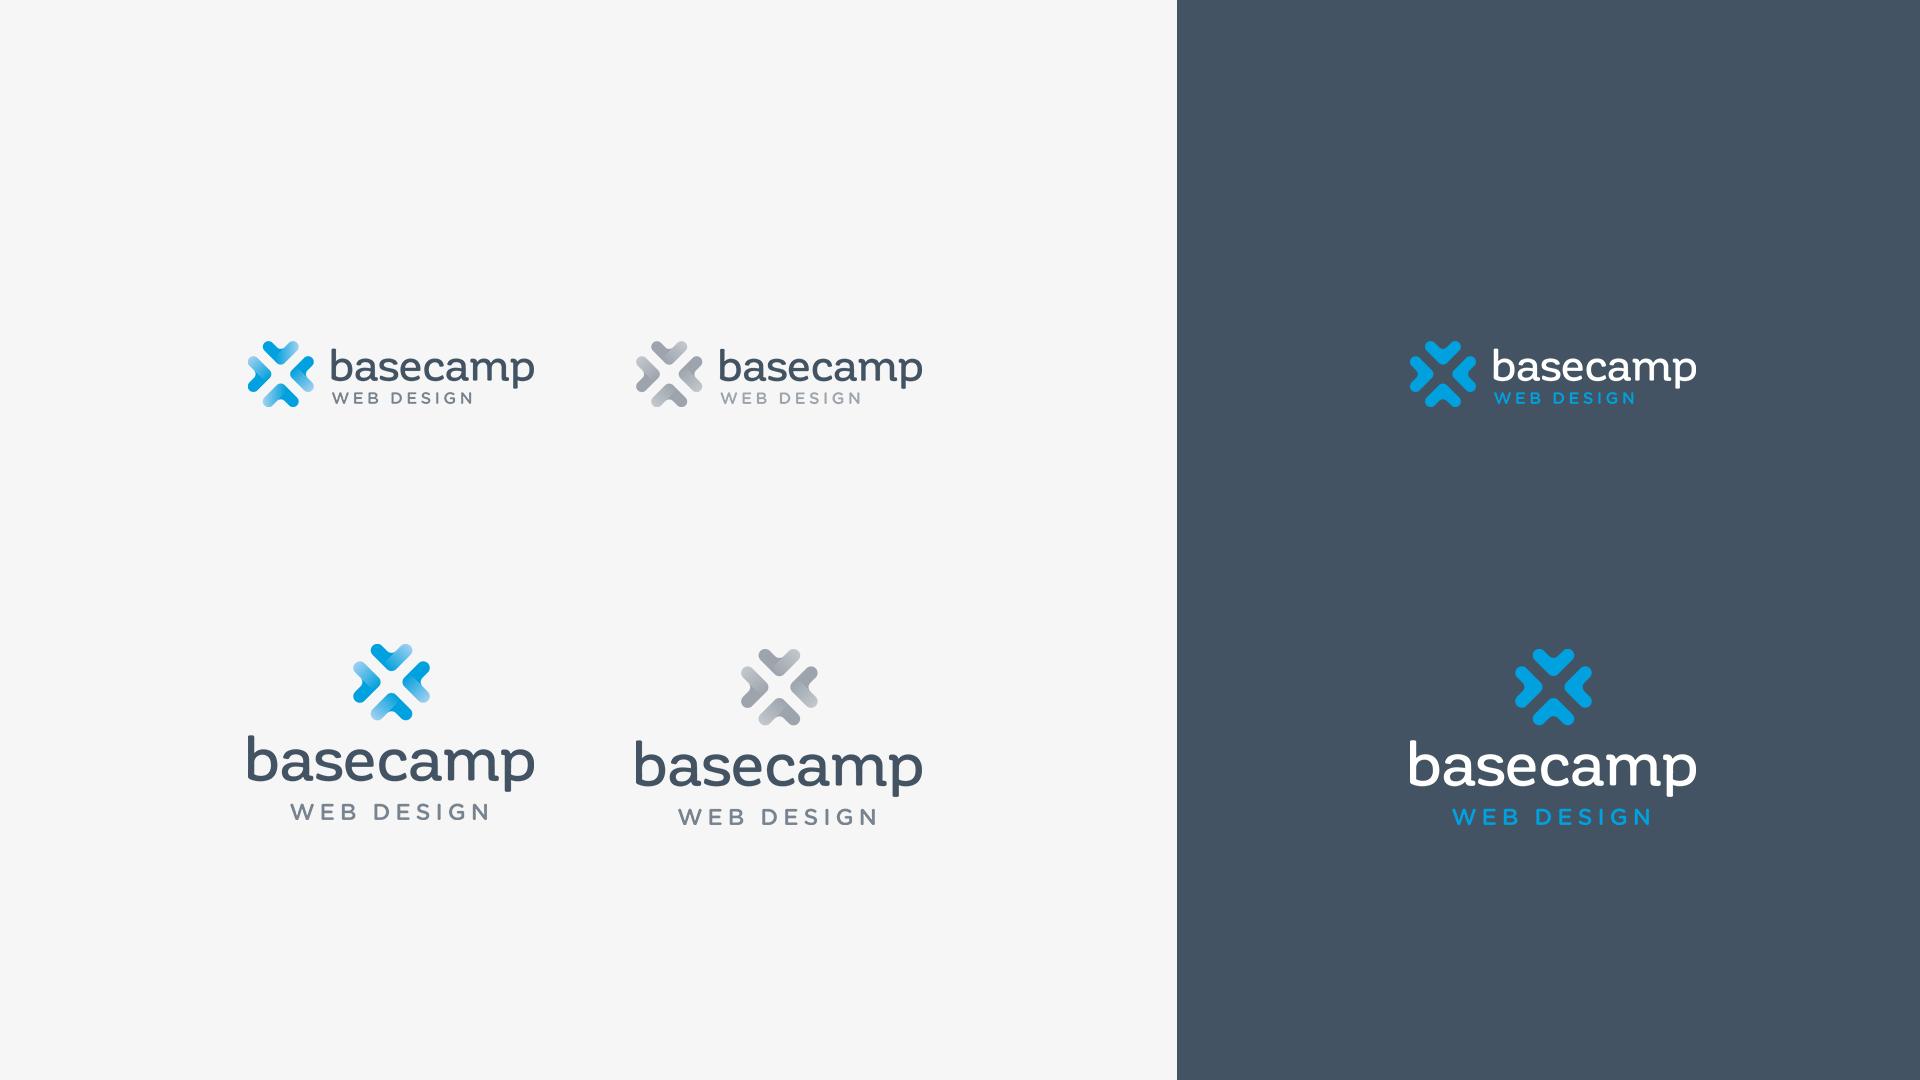 meeshworks-basecamp-4